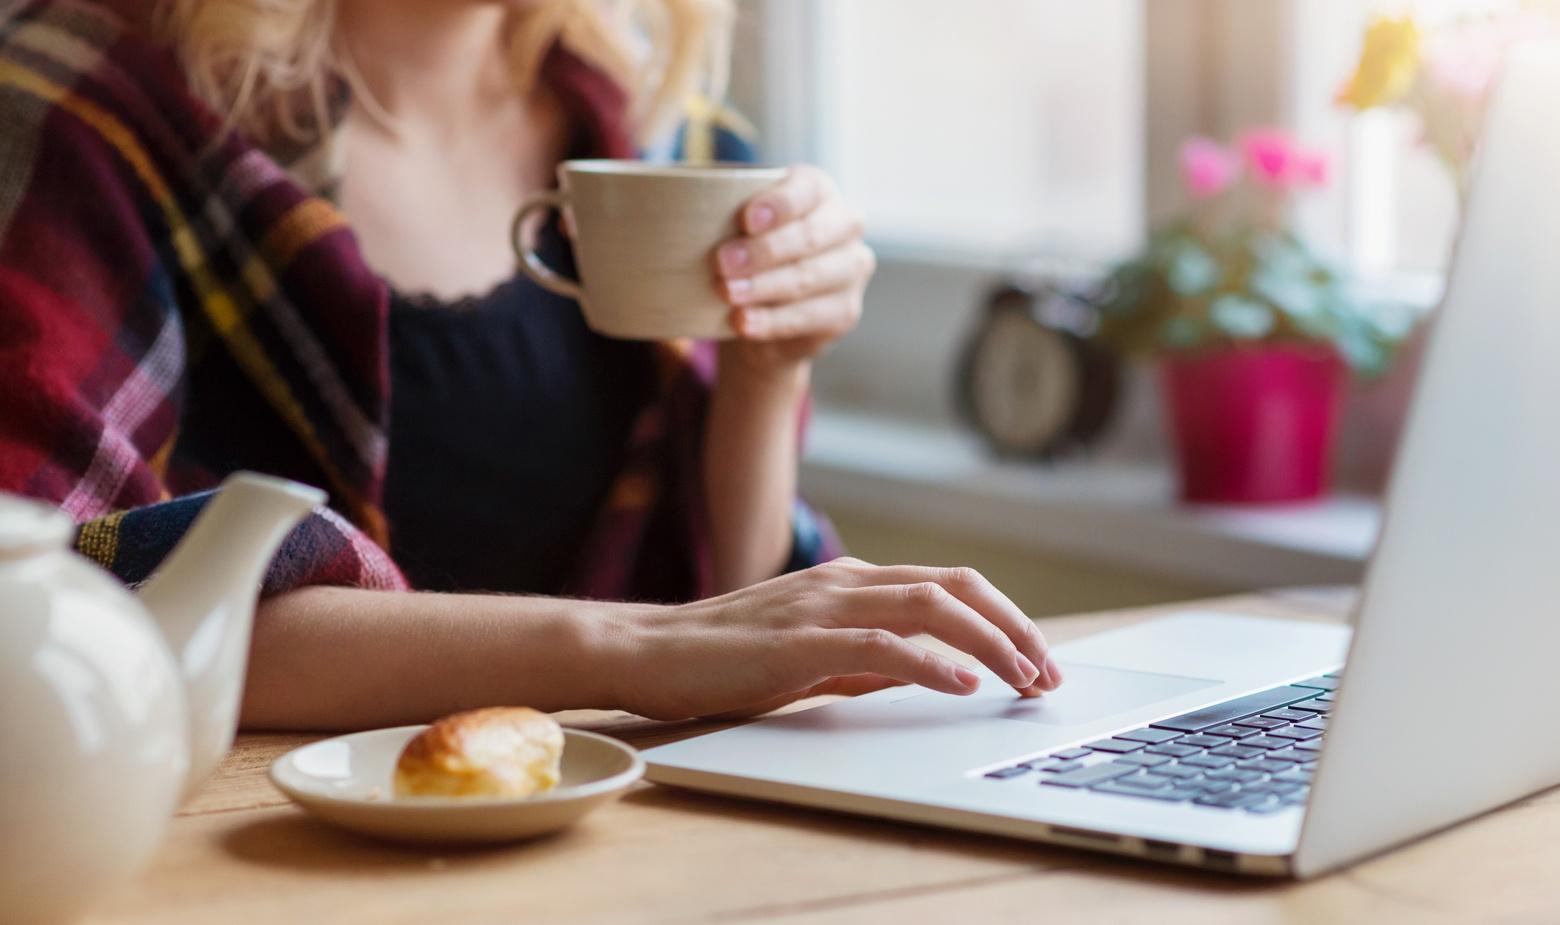 woman_sitting_at_computer.jpg